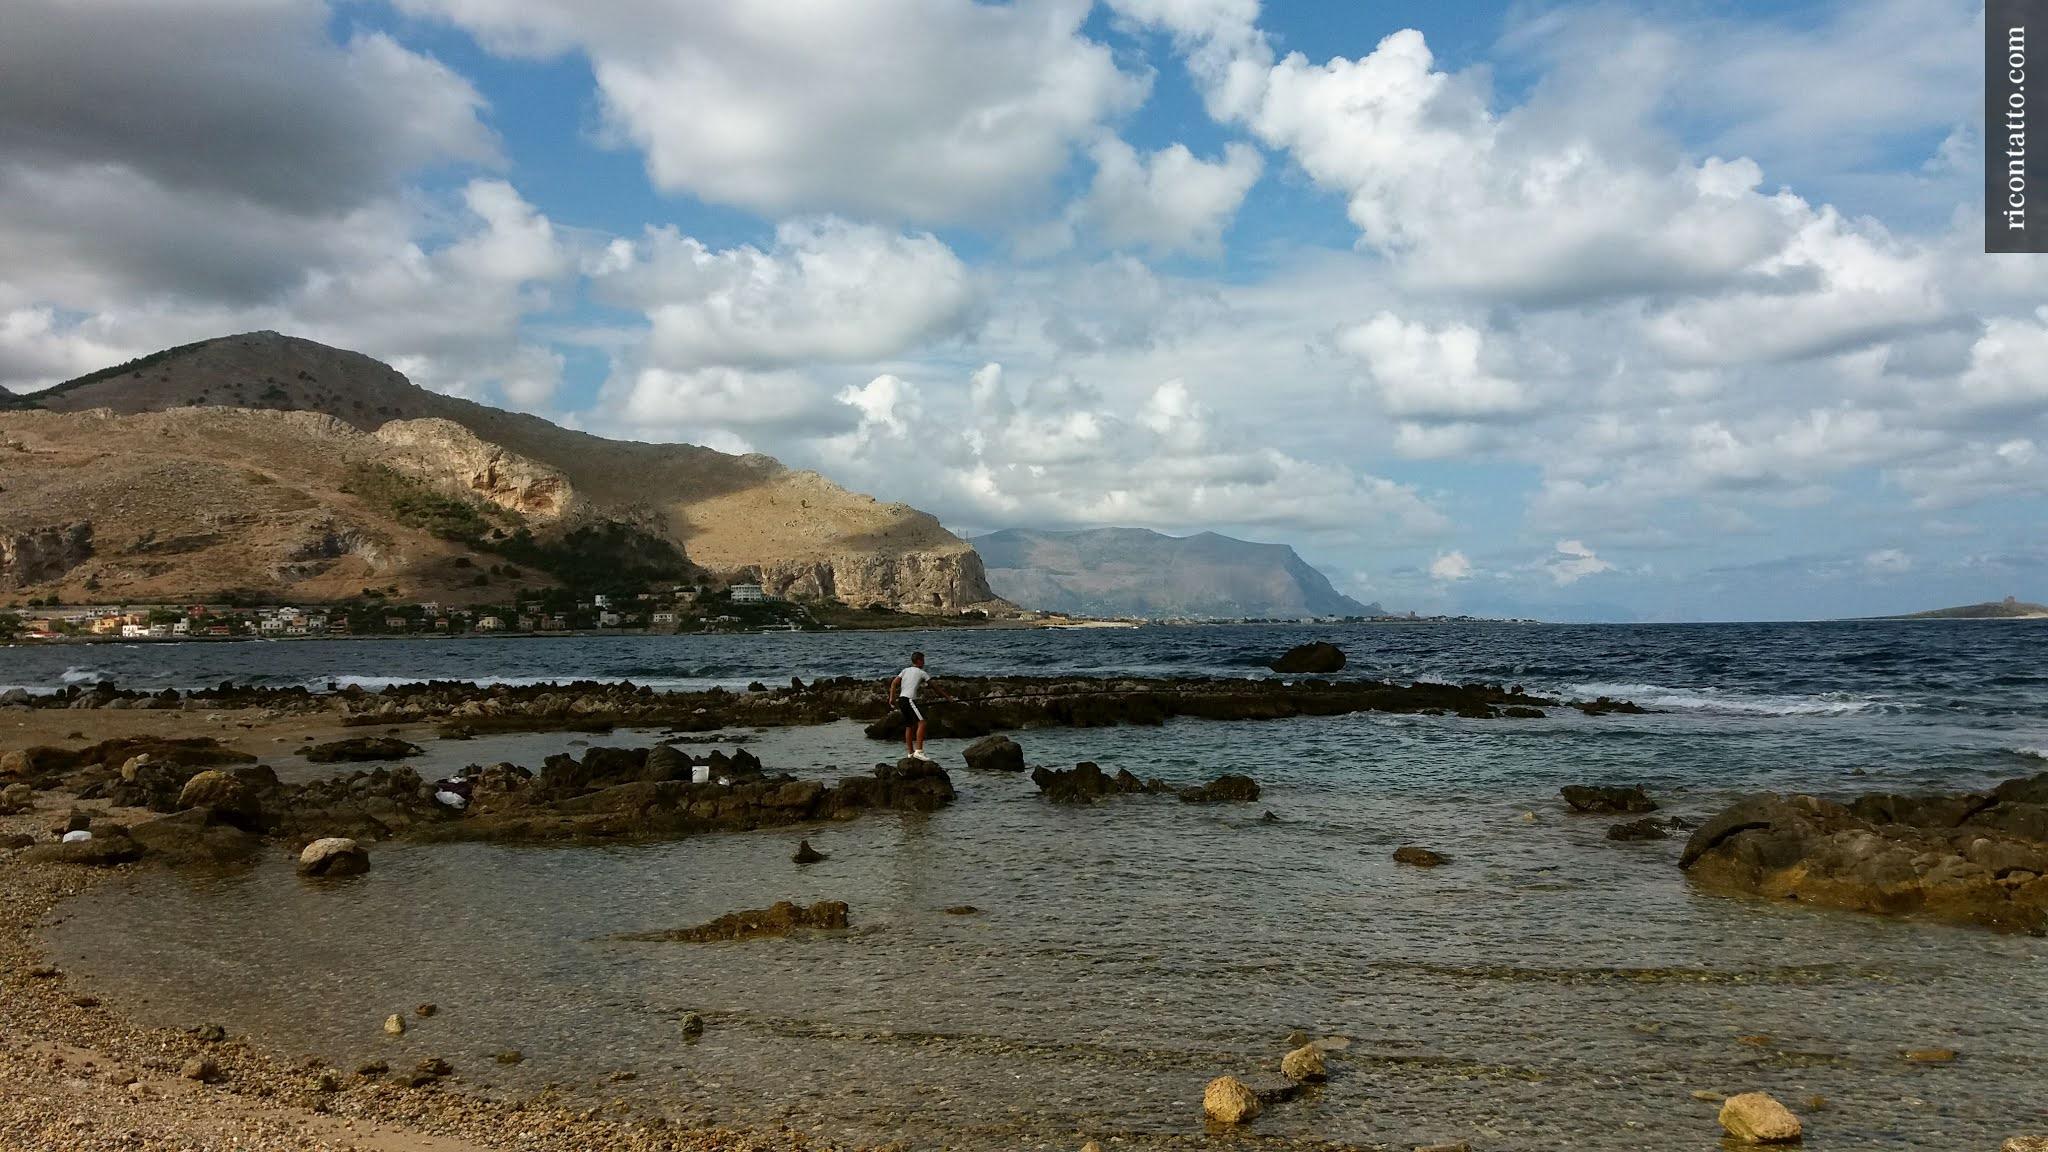 Palermo, Sicilia, Italy - Photo #19 by Ricontatto.com